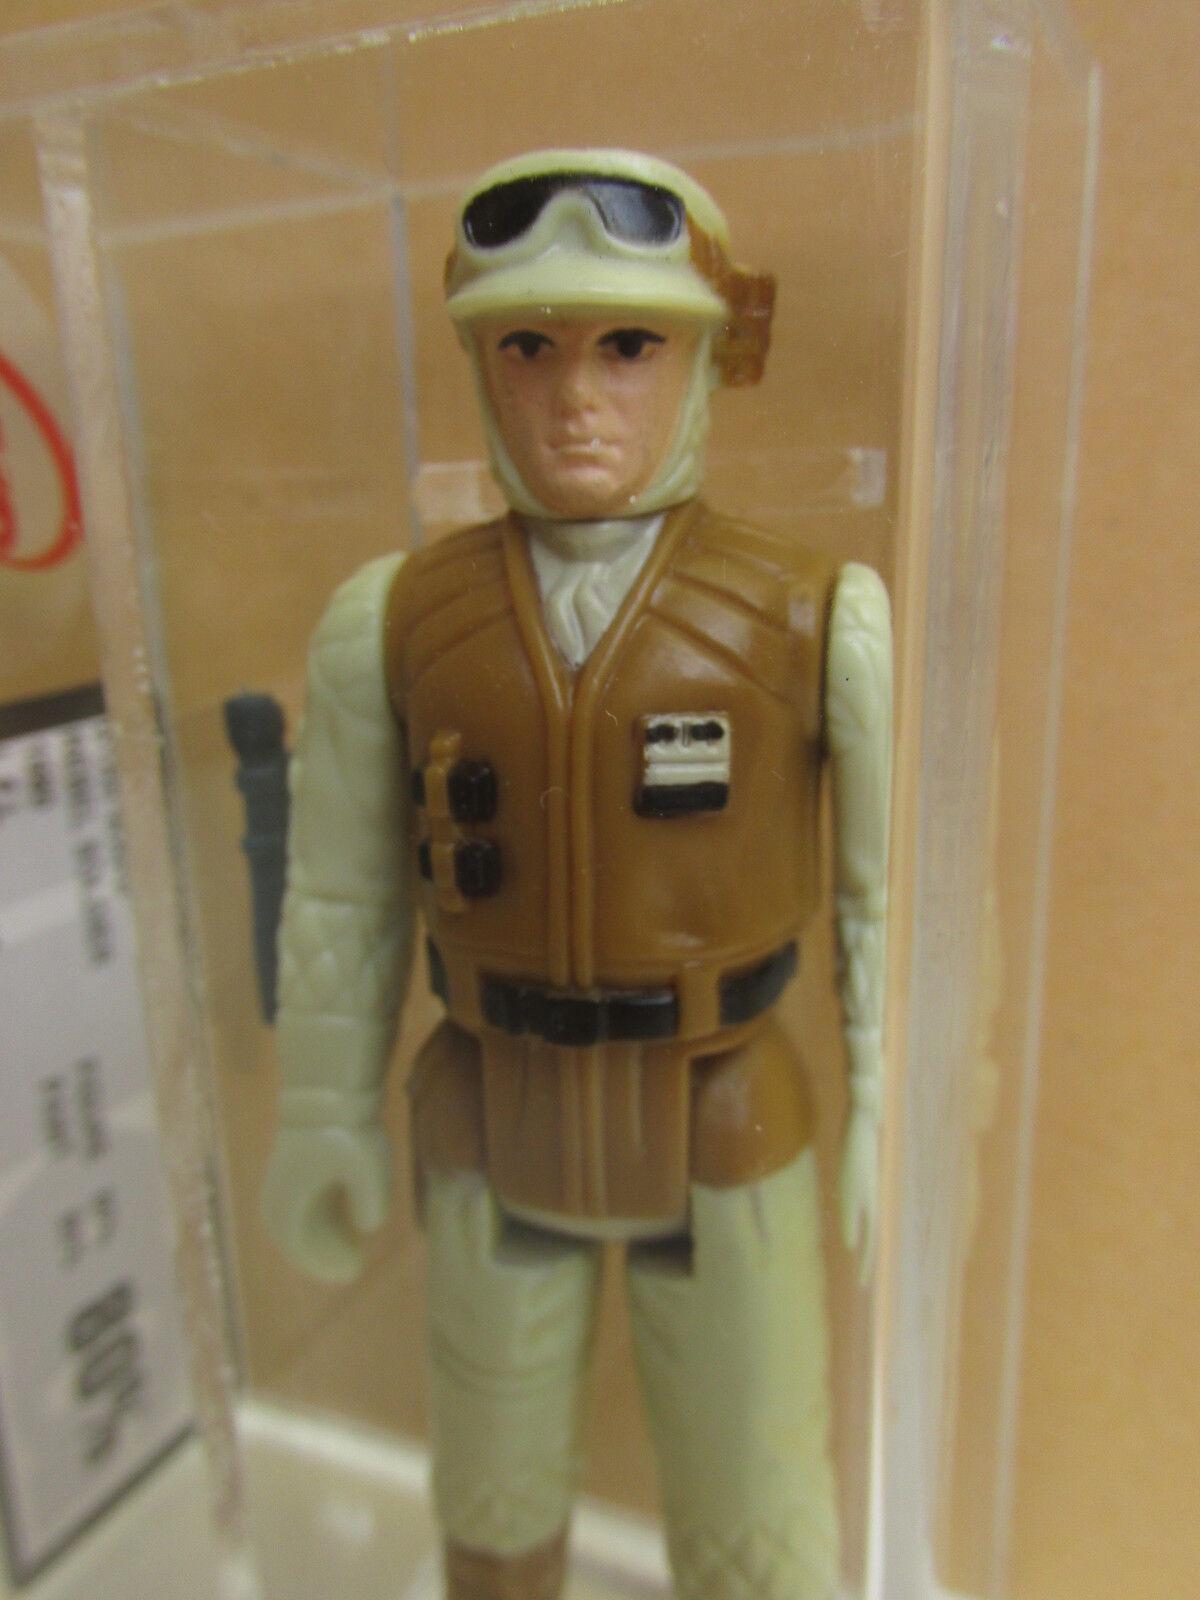 Star wars VINTAGE VINTAGE VINTAGE hoth REBEL SOLDIER ACTION FIGURE original UKG not AFA ESB 187d18